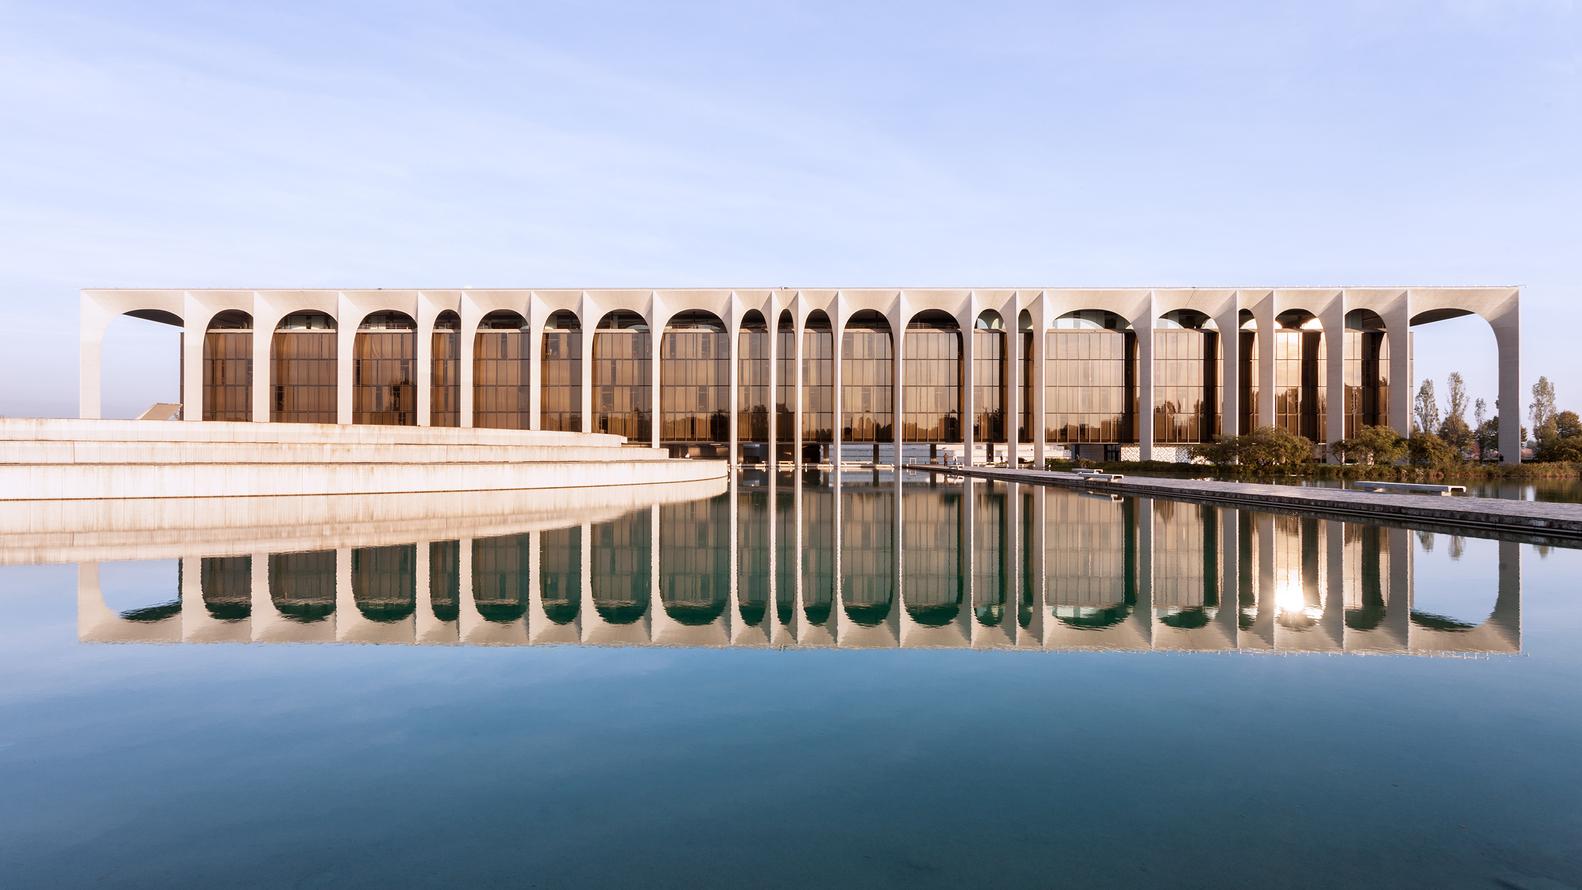 Melhores arquitetos do mundo: sede da editora Mondadori (Itália)